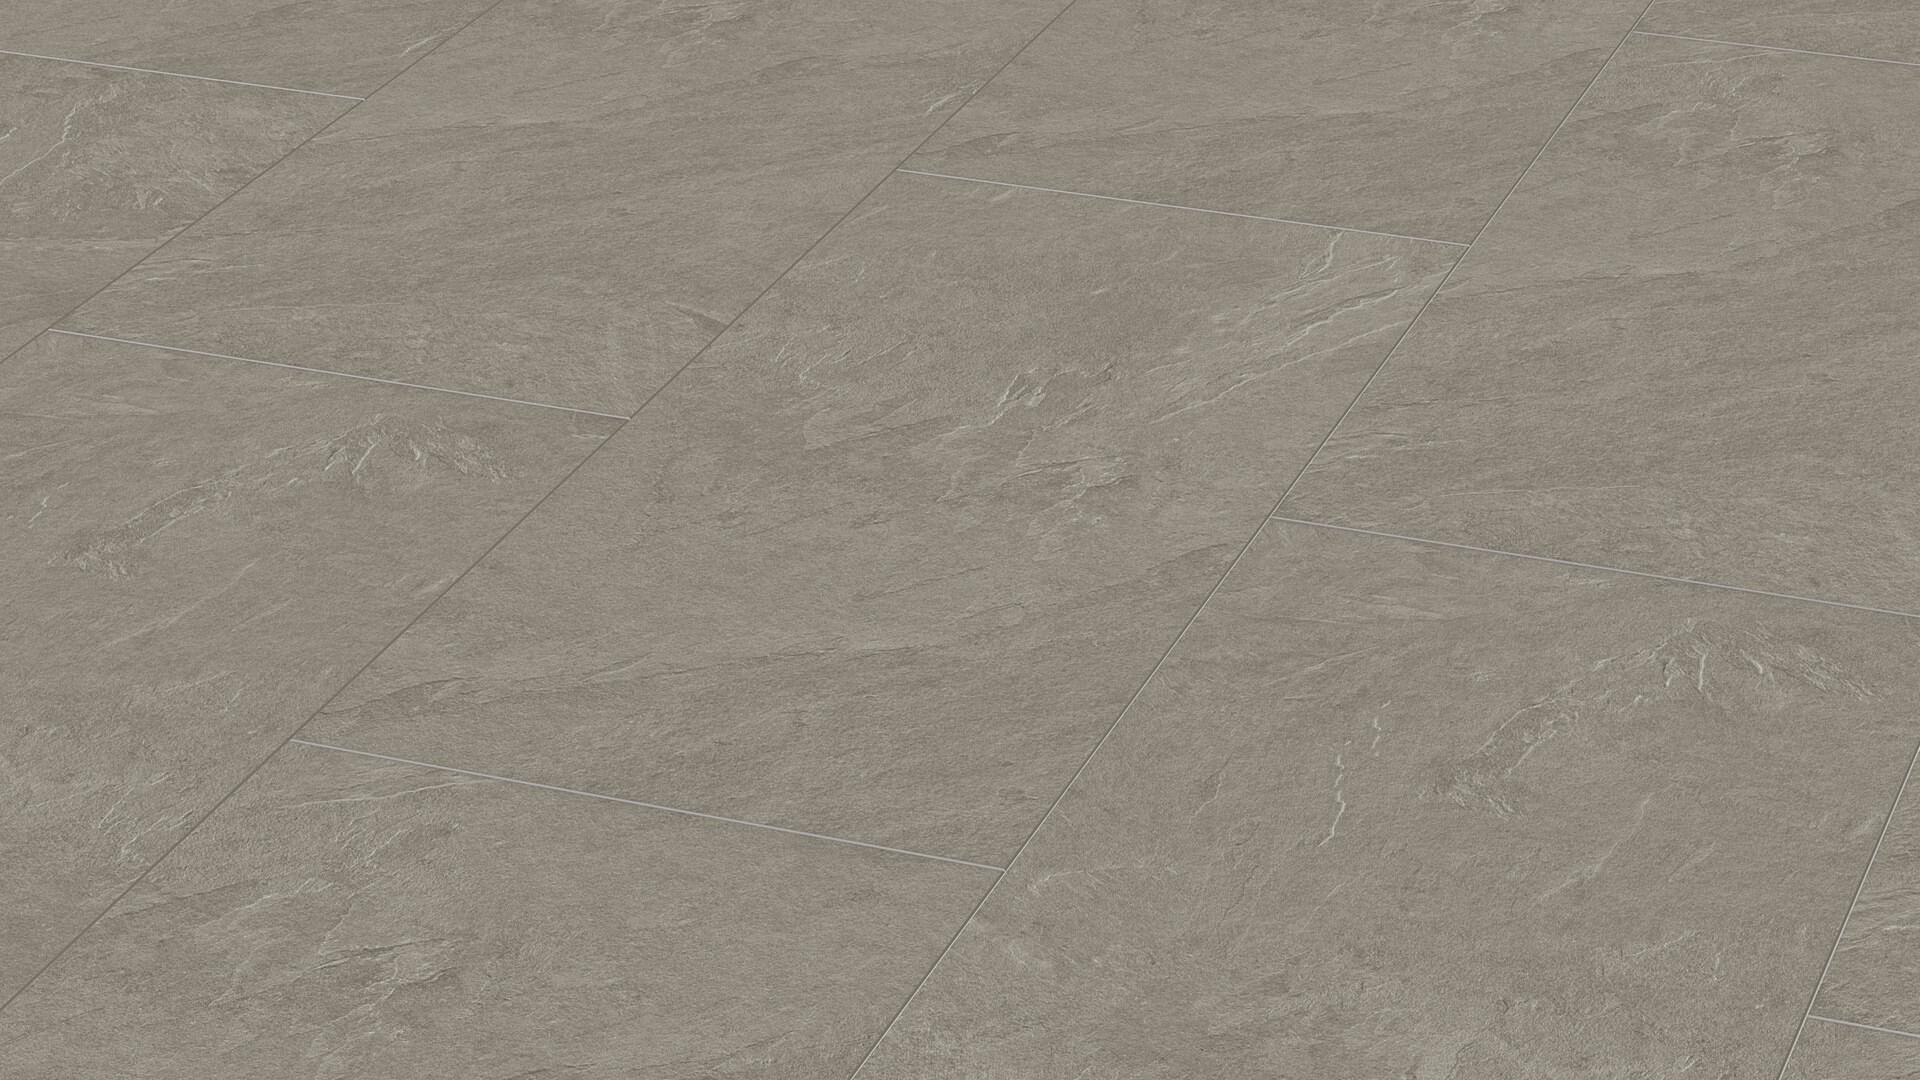 Laminaatvloer MeisterDesign. laminate LB 150 Leisteen grijs 6136